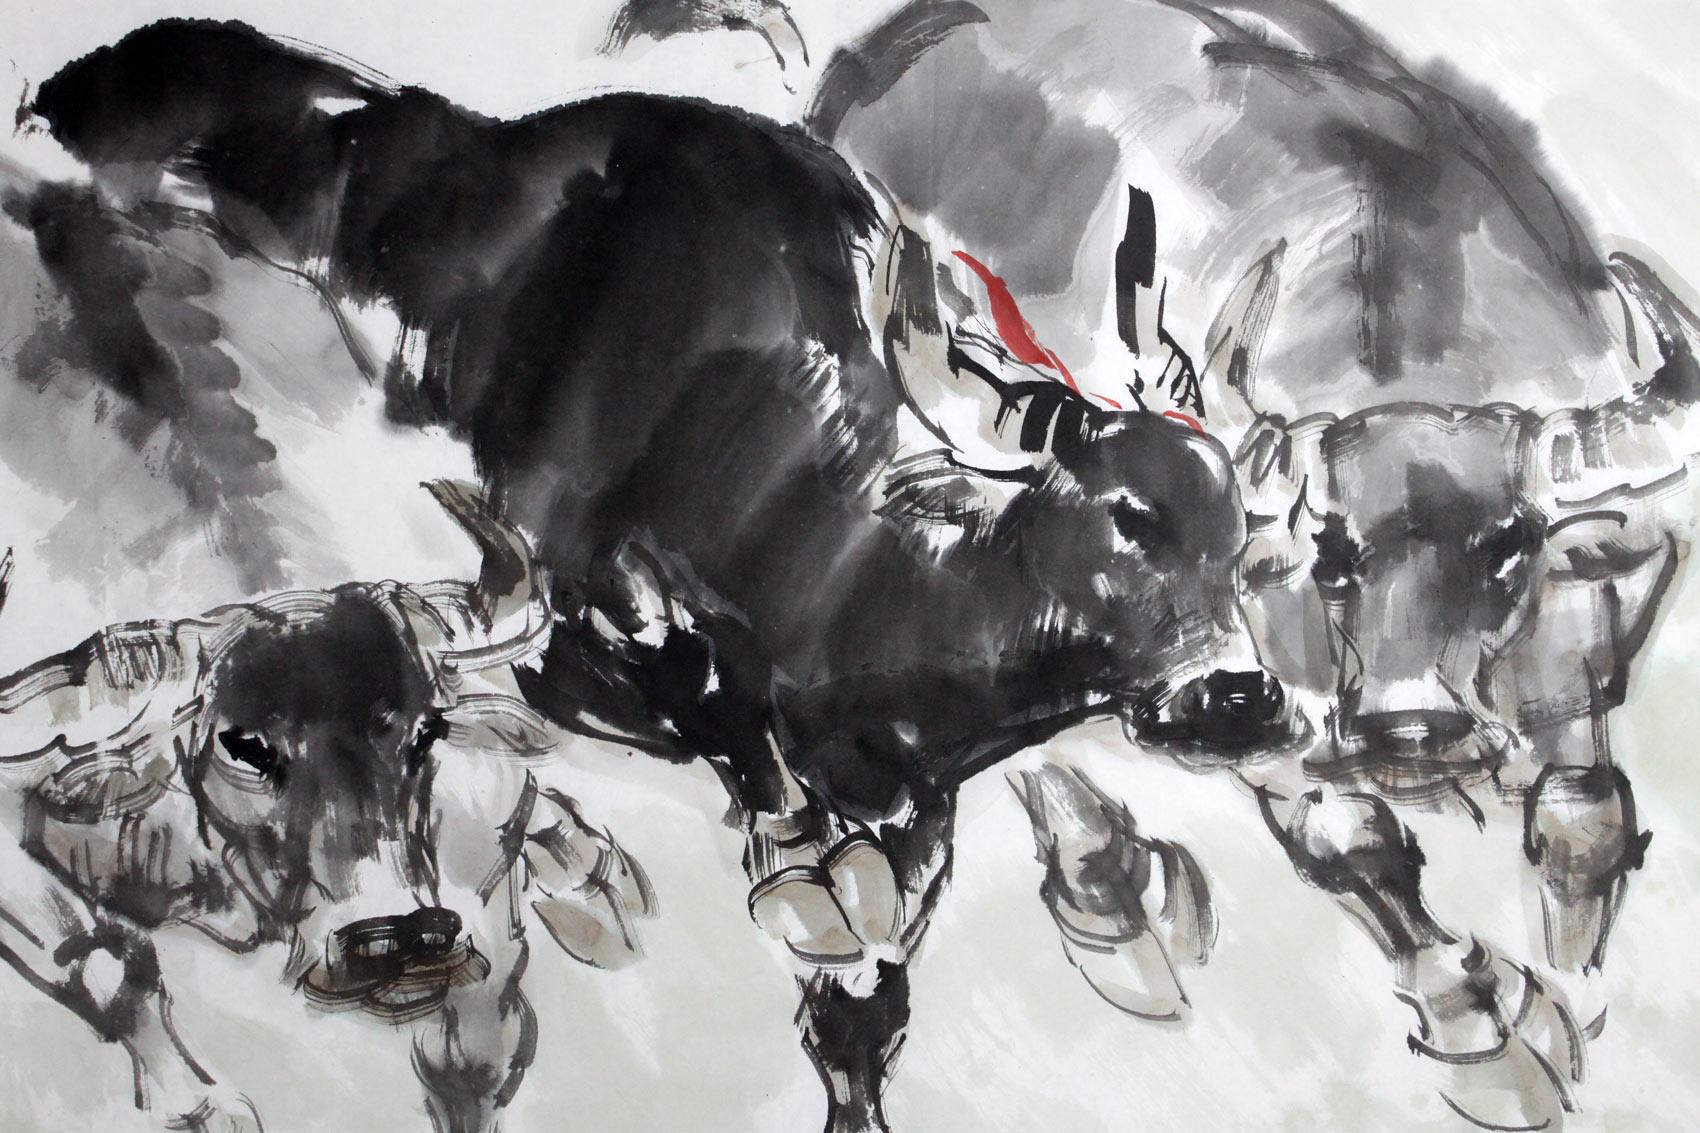 牛的象征_五牛图风水画 - 国画牛 - 99字画网